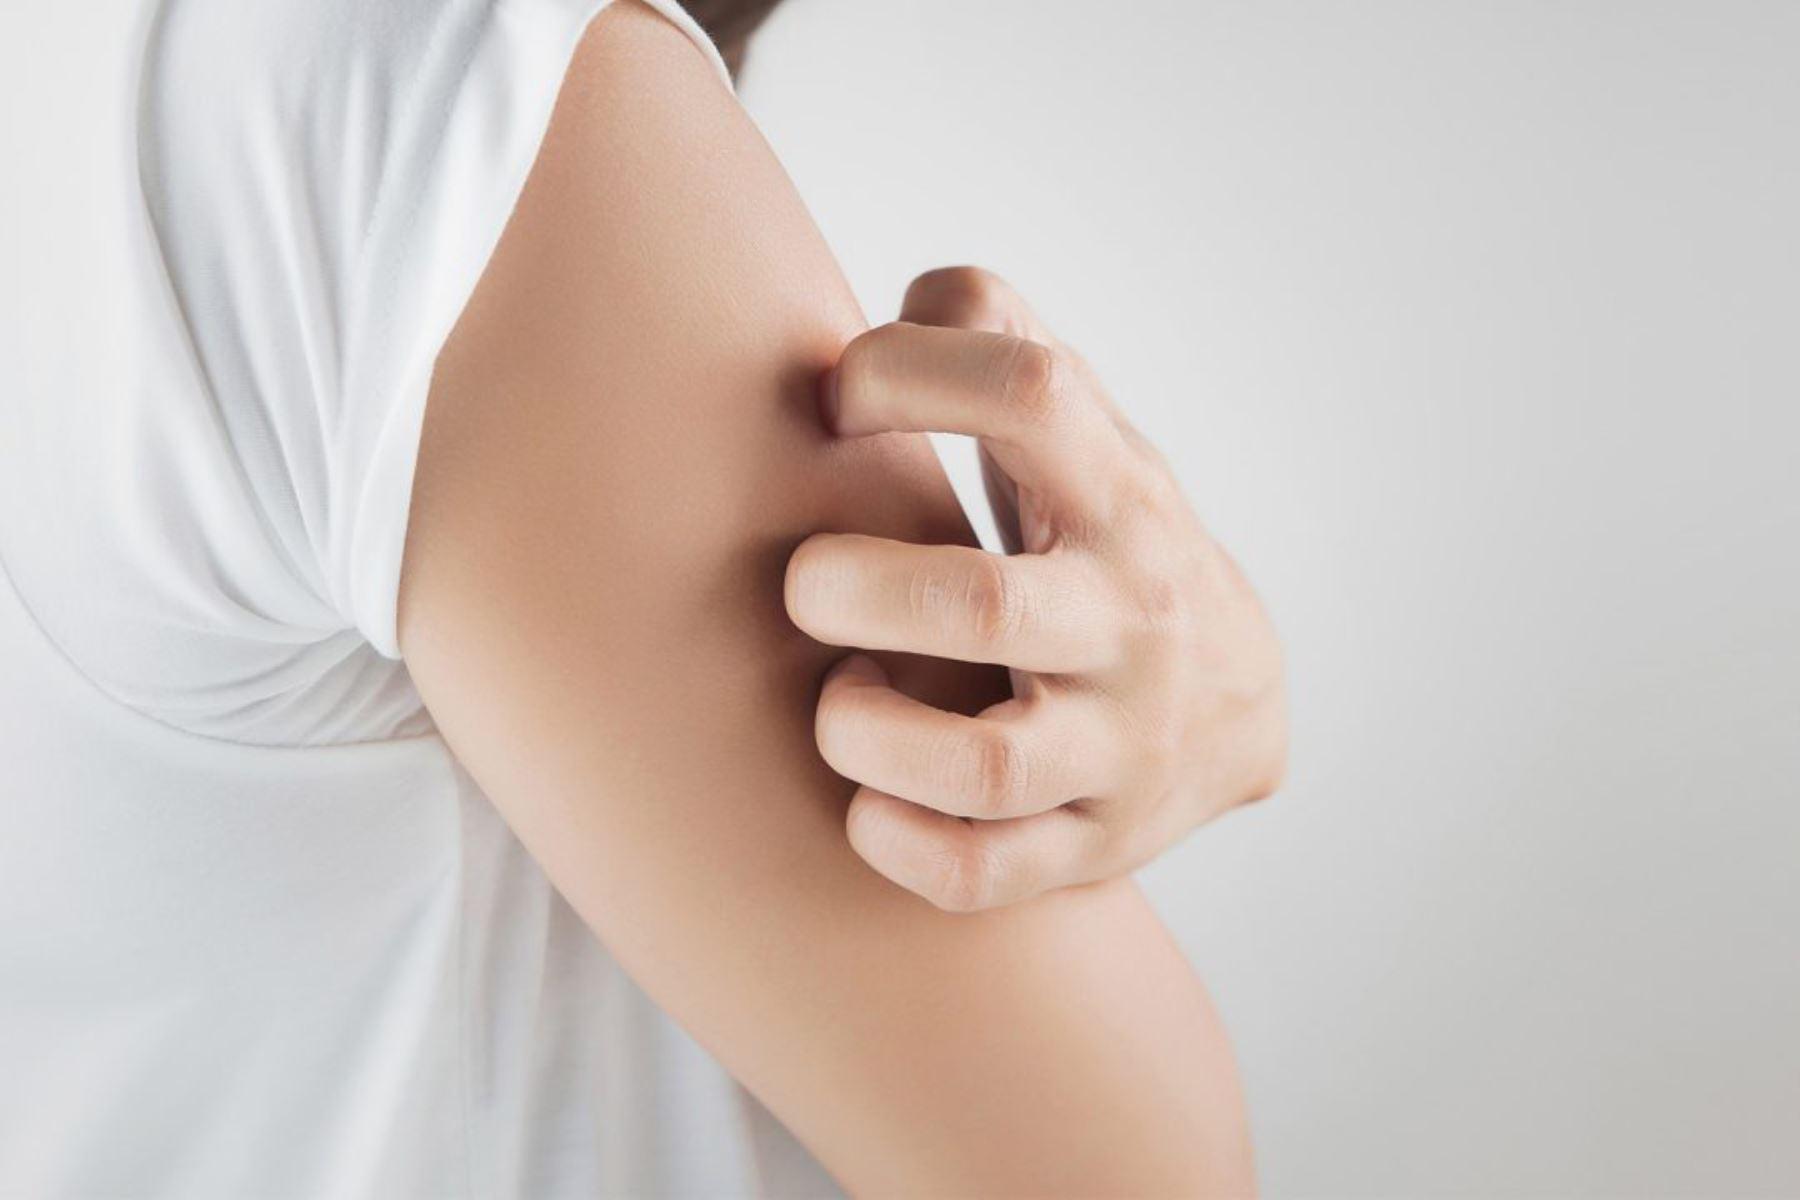 La neurodermatitis altera la condición de salud de la piel. Si la persona se rasca con fuerza provocará una alteración en ella como su engrosamiento, inflamación y hasta endurecimiento. ANDINA/Internet